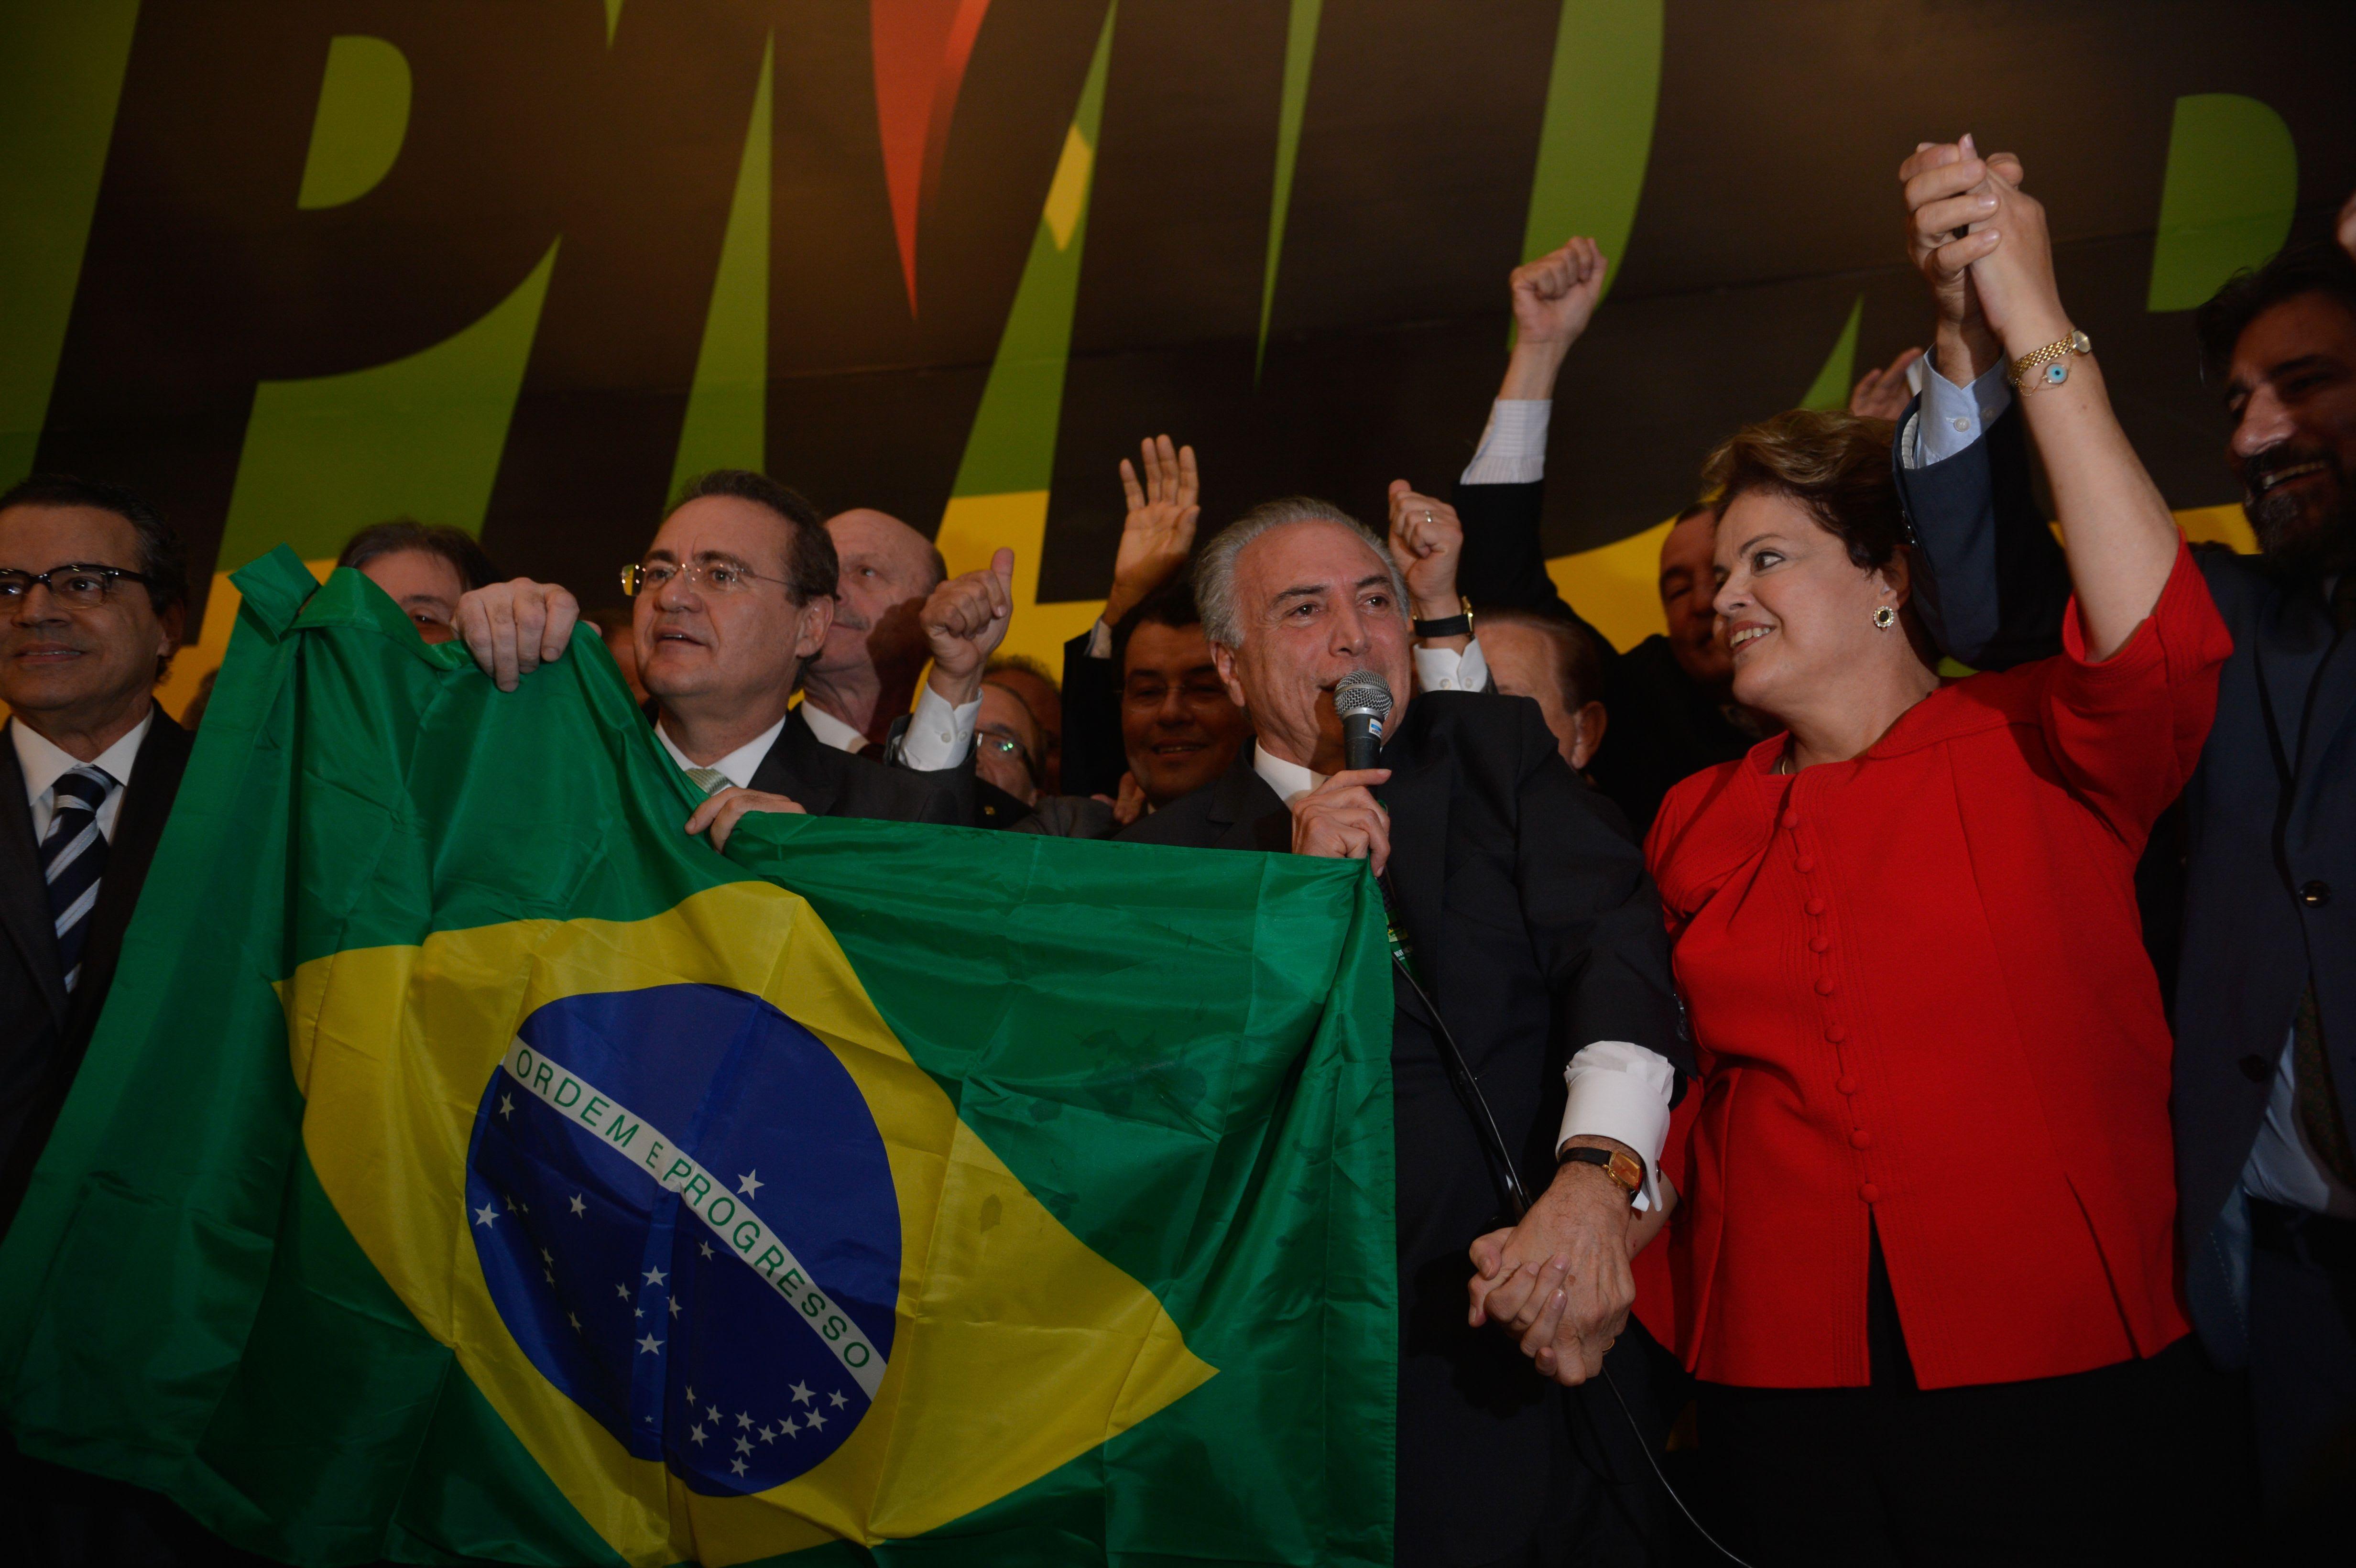 Dilma Rousseff recibe el apoyo del partido PMDB para sus reelección. Los líderes de ese partido en el congreso le pidieron que derogara el decreto